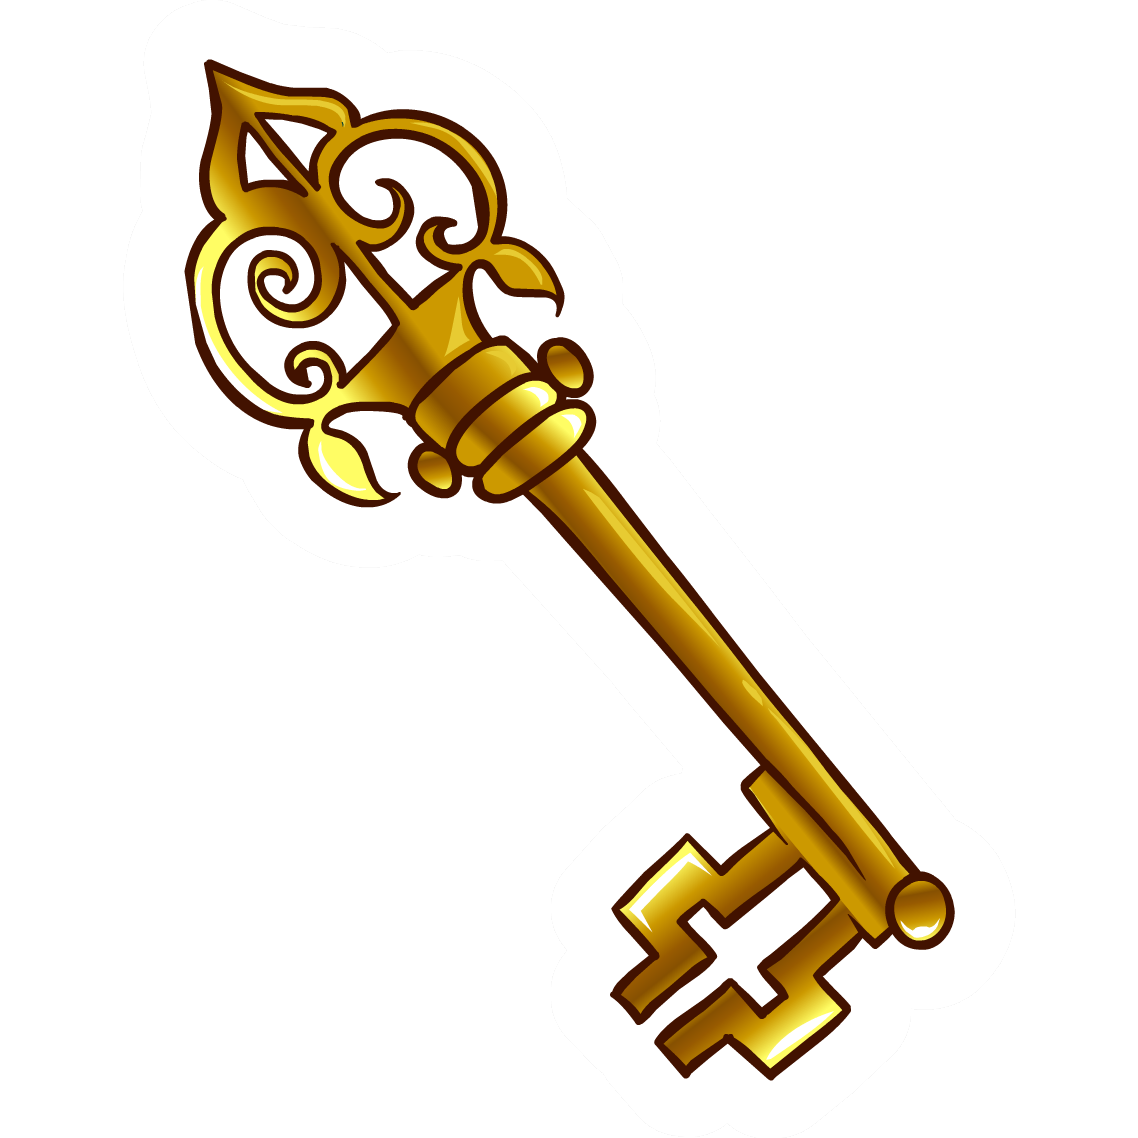 1138x1138 Old Key Pin Club Penguin Wiki Fandom Powered By Wikia